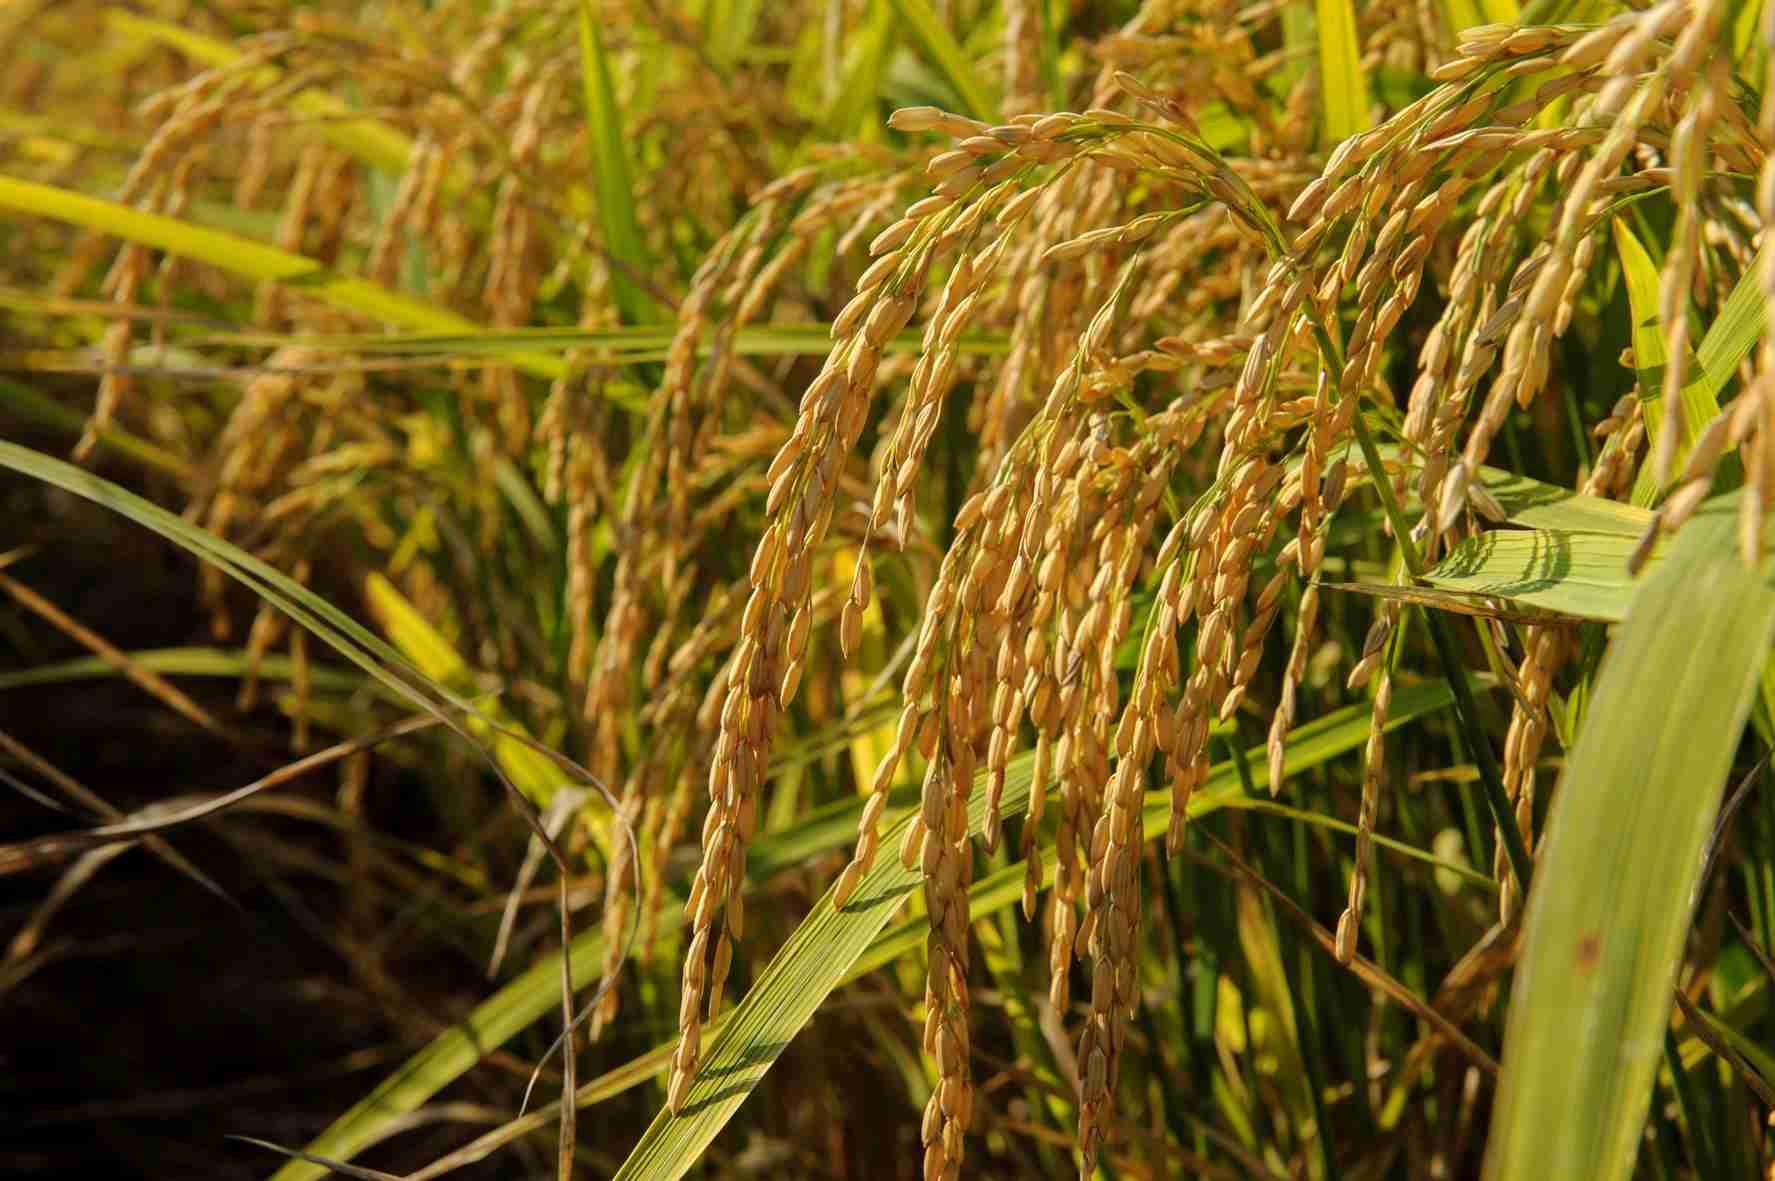 sementi riso luna cl dettaglio spiga